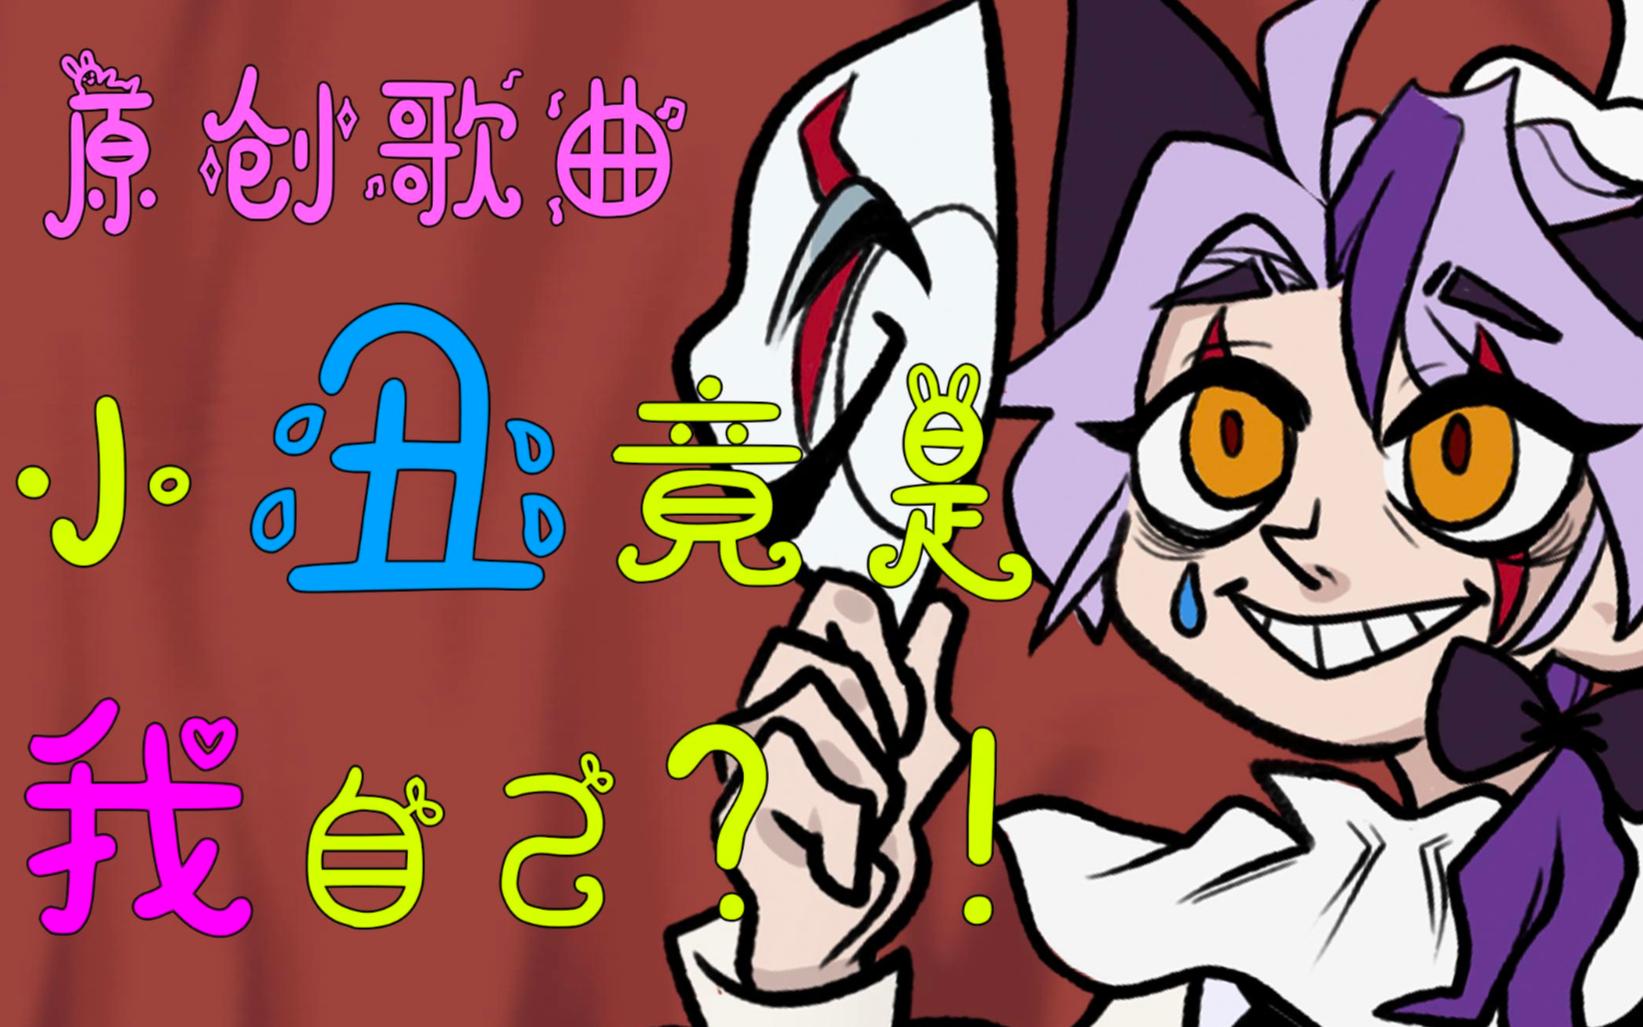 原创曲《小丑竟是我自己》发布!【歌者狗耳】【A站独家】